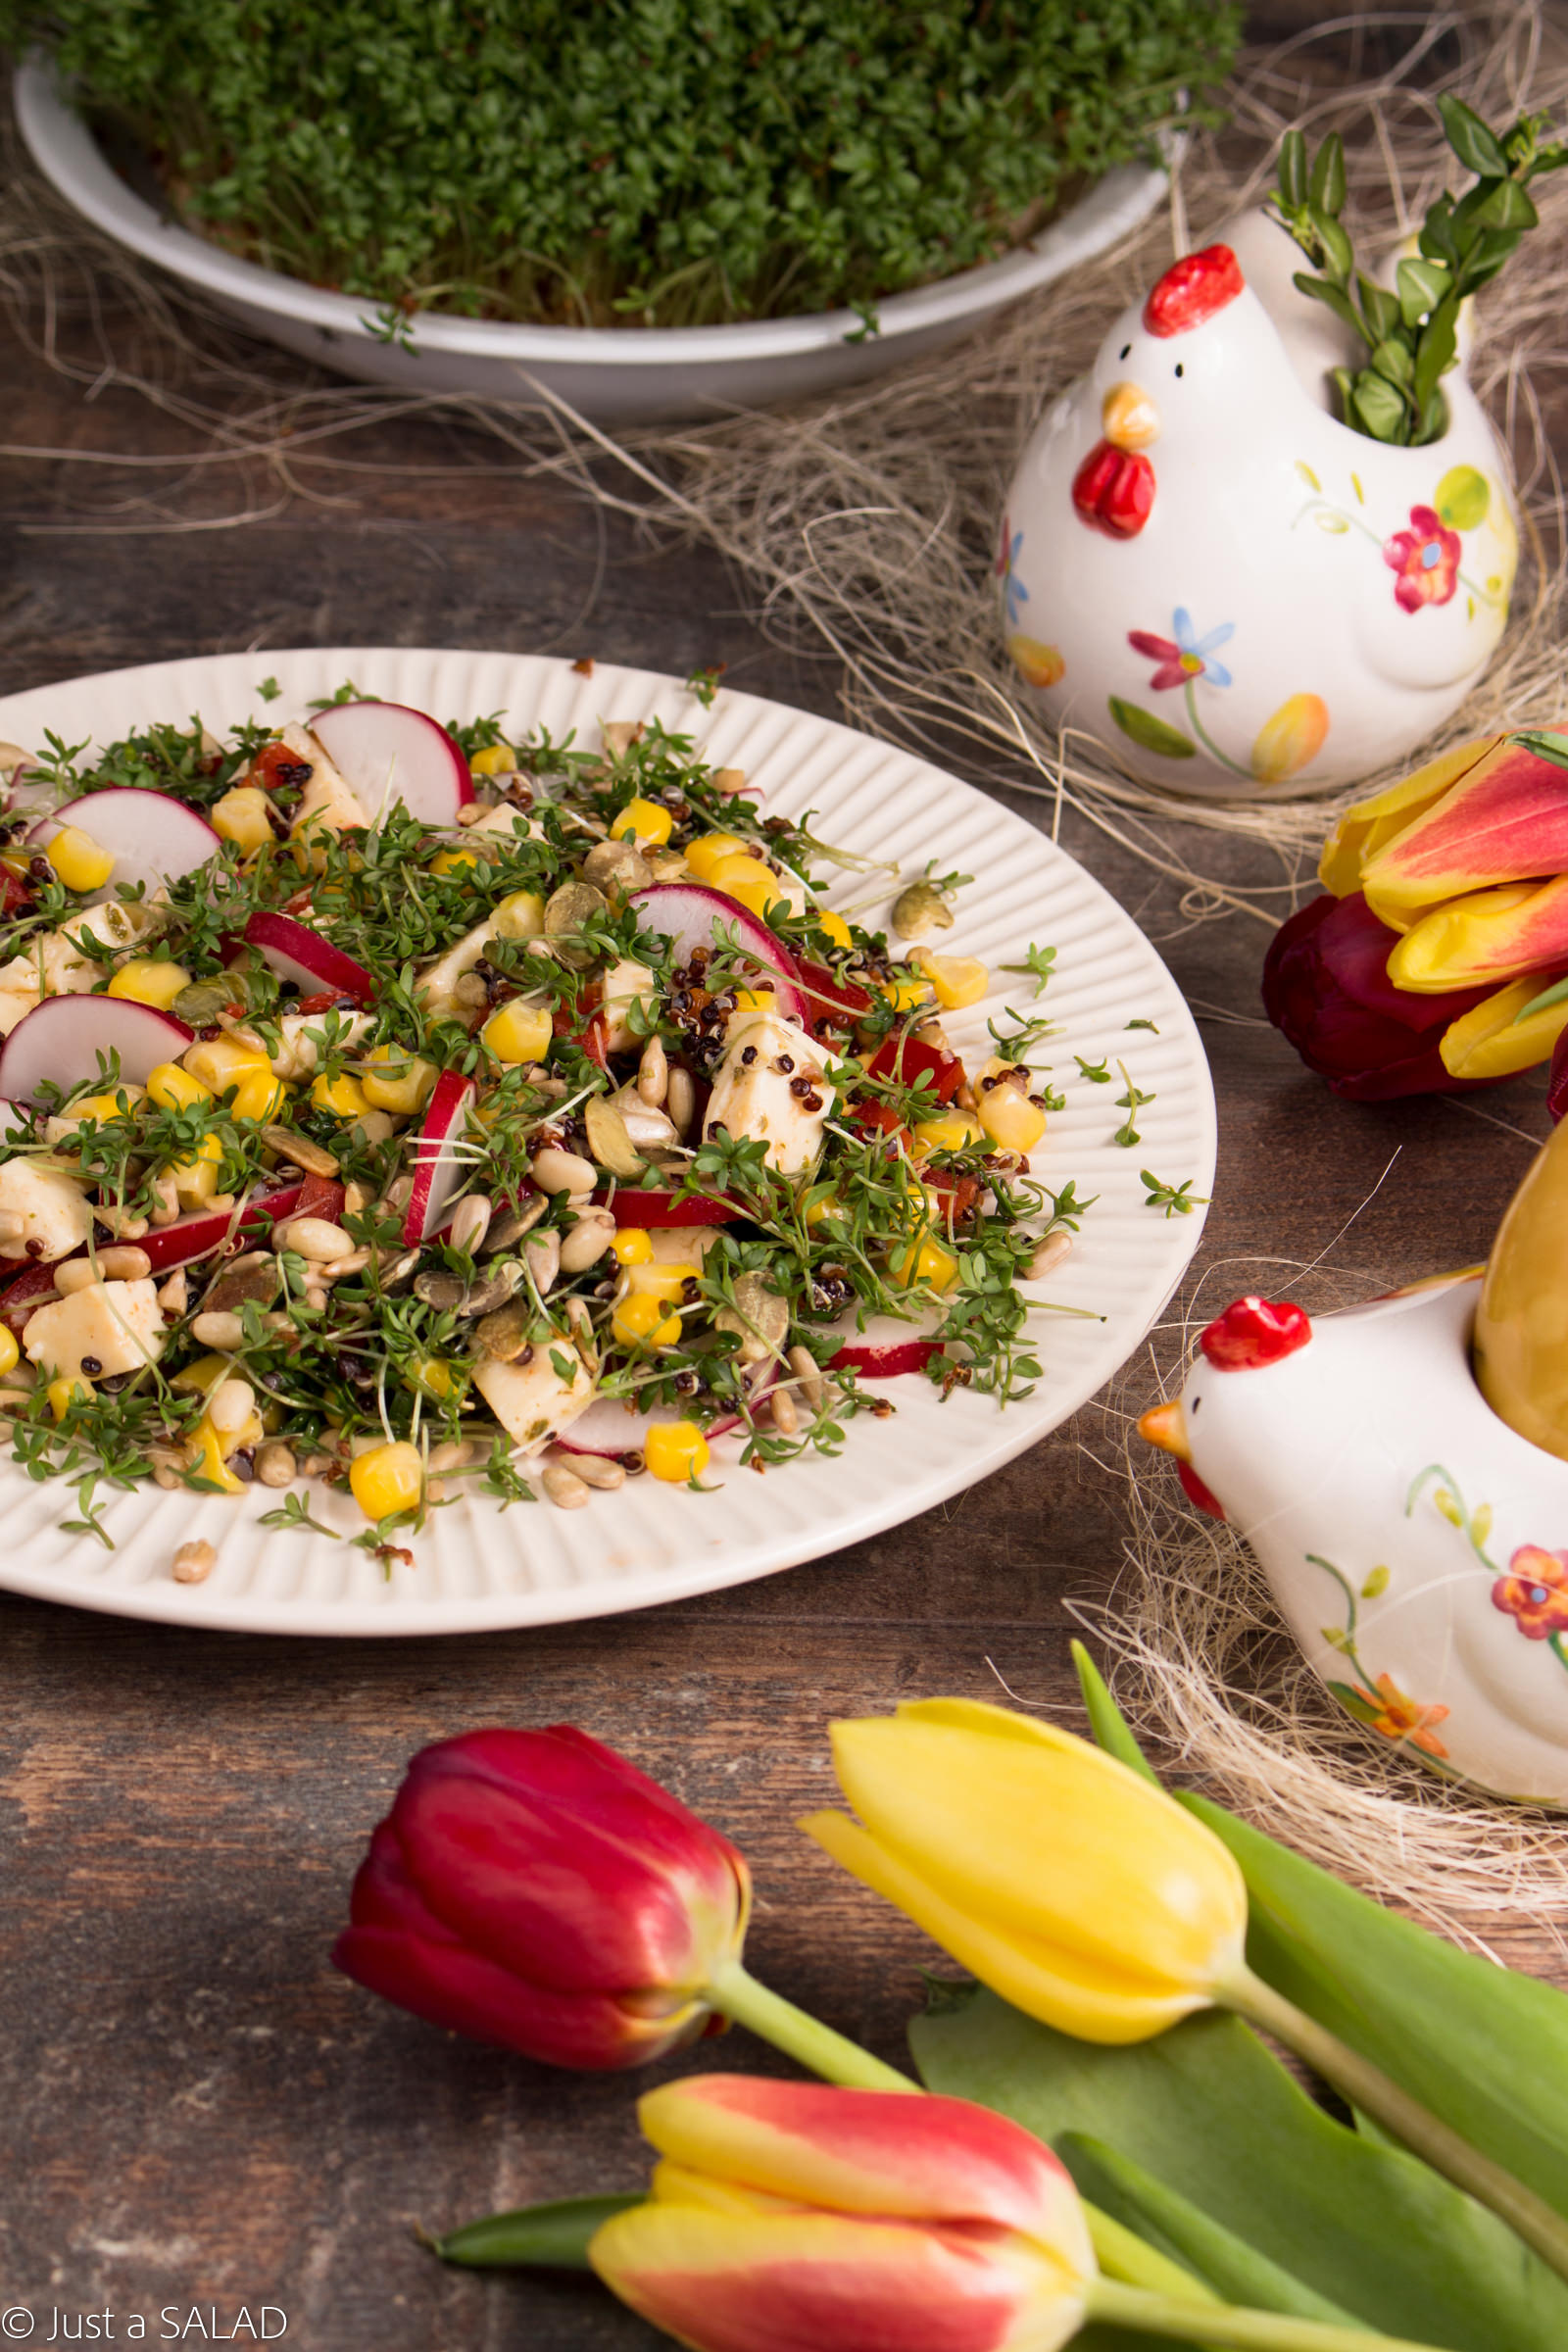 Sałatka z komosą ryżową, rzeżuchą, rzodkiewką, kukurydzą, papryką, pestkami słonecznika i serem korycińskim.